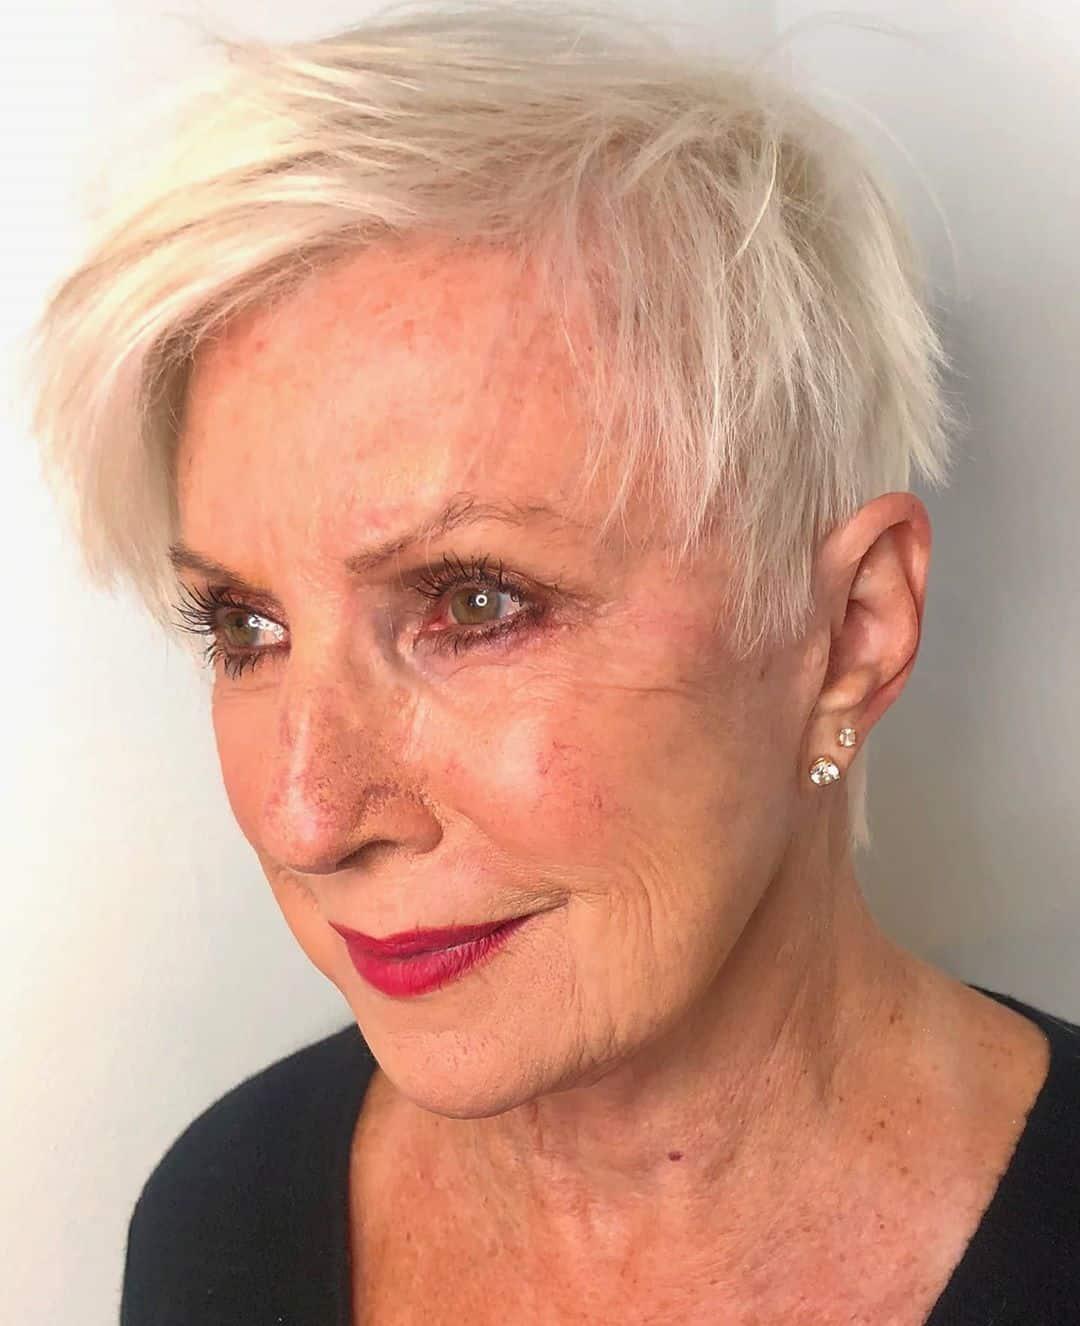 Pixie texturizado para mujeres mayores de 70 años